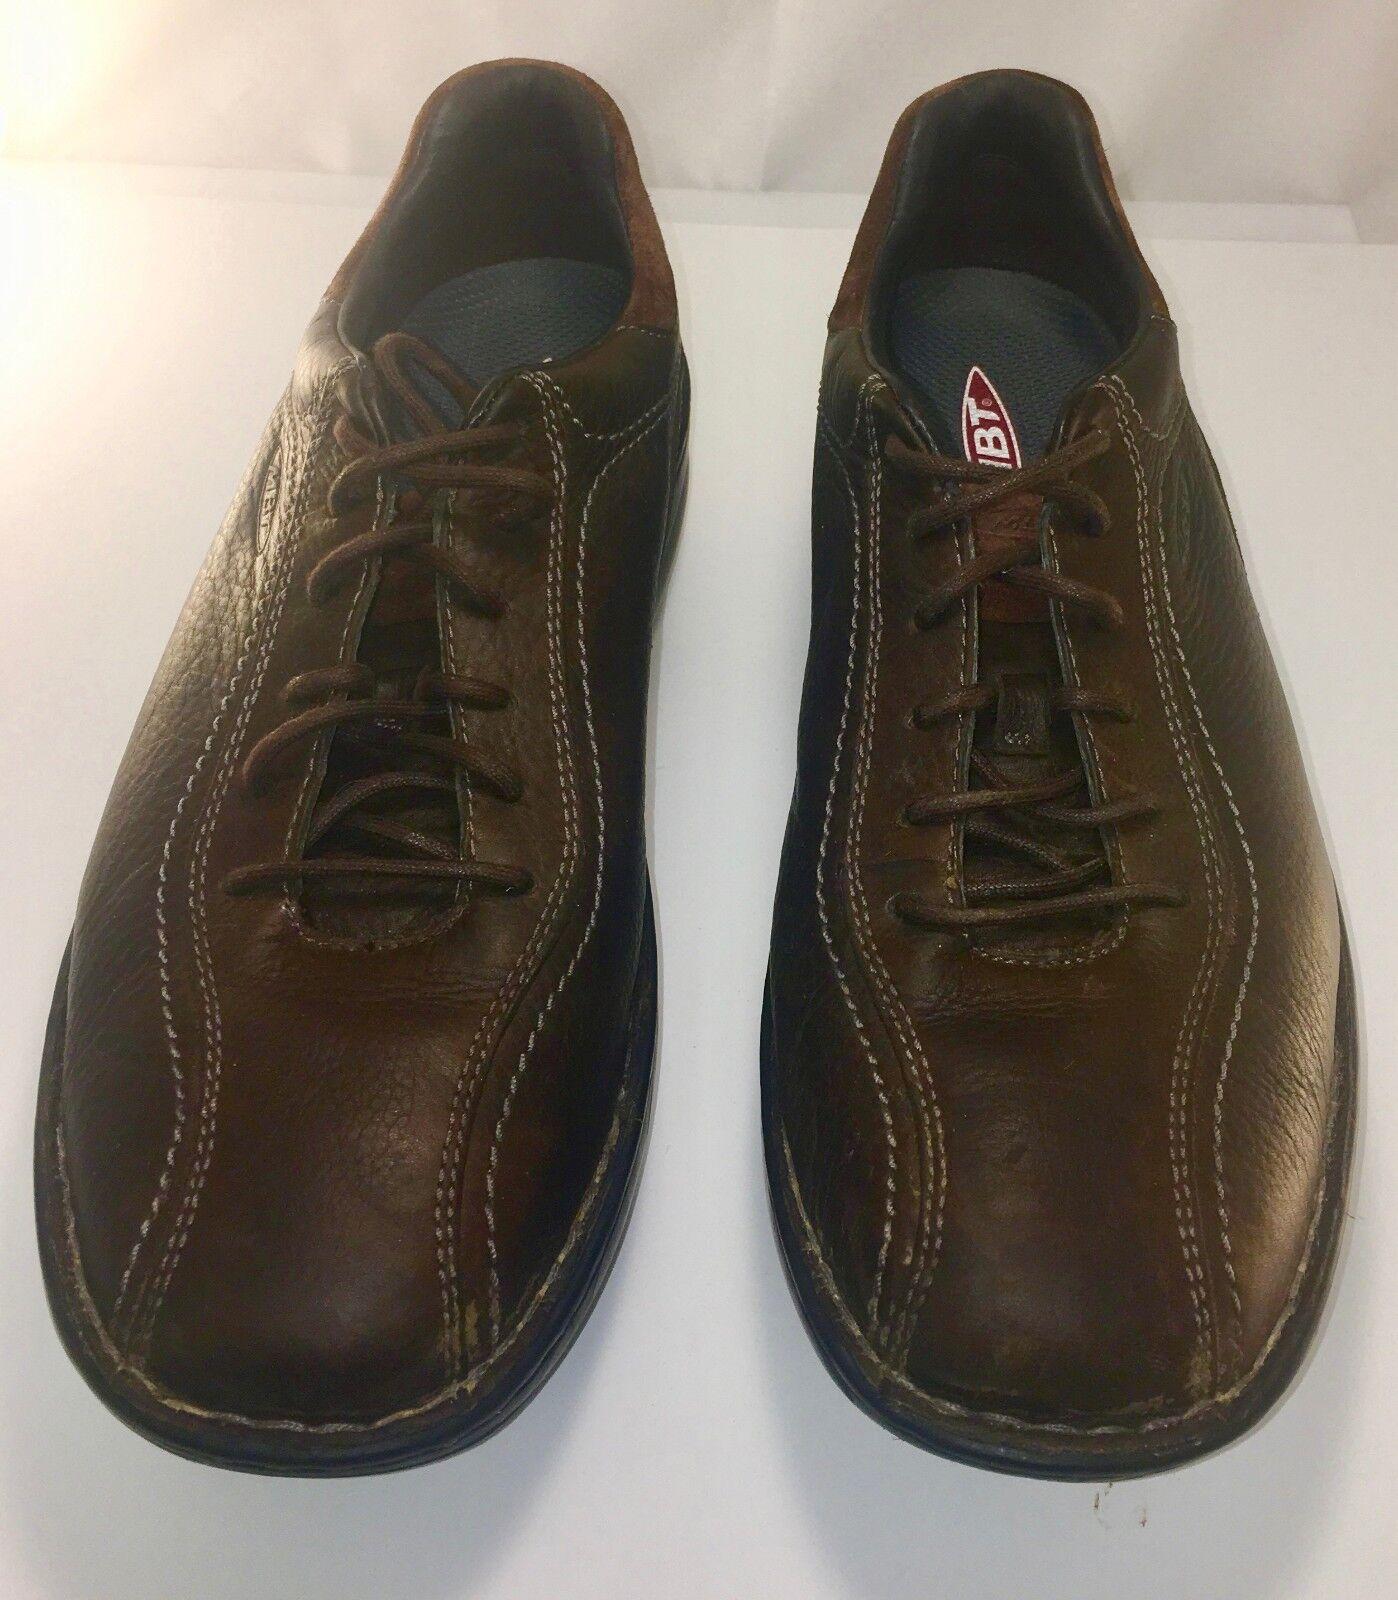 MBT Tariki walnut brown leather lace up oxford walking shoe sneaker 11.5 45 2 3